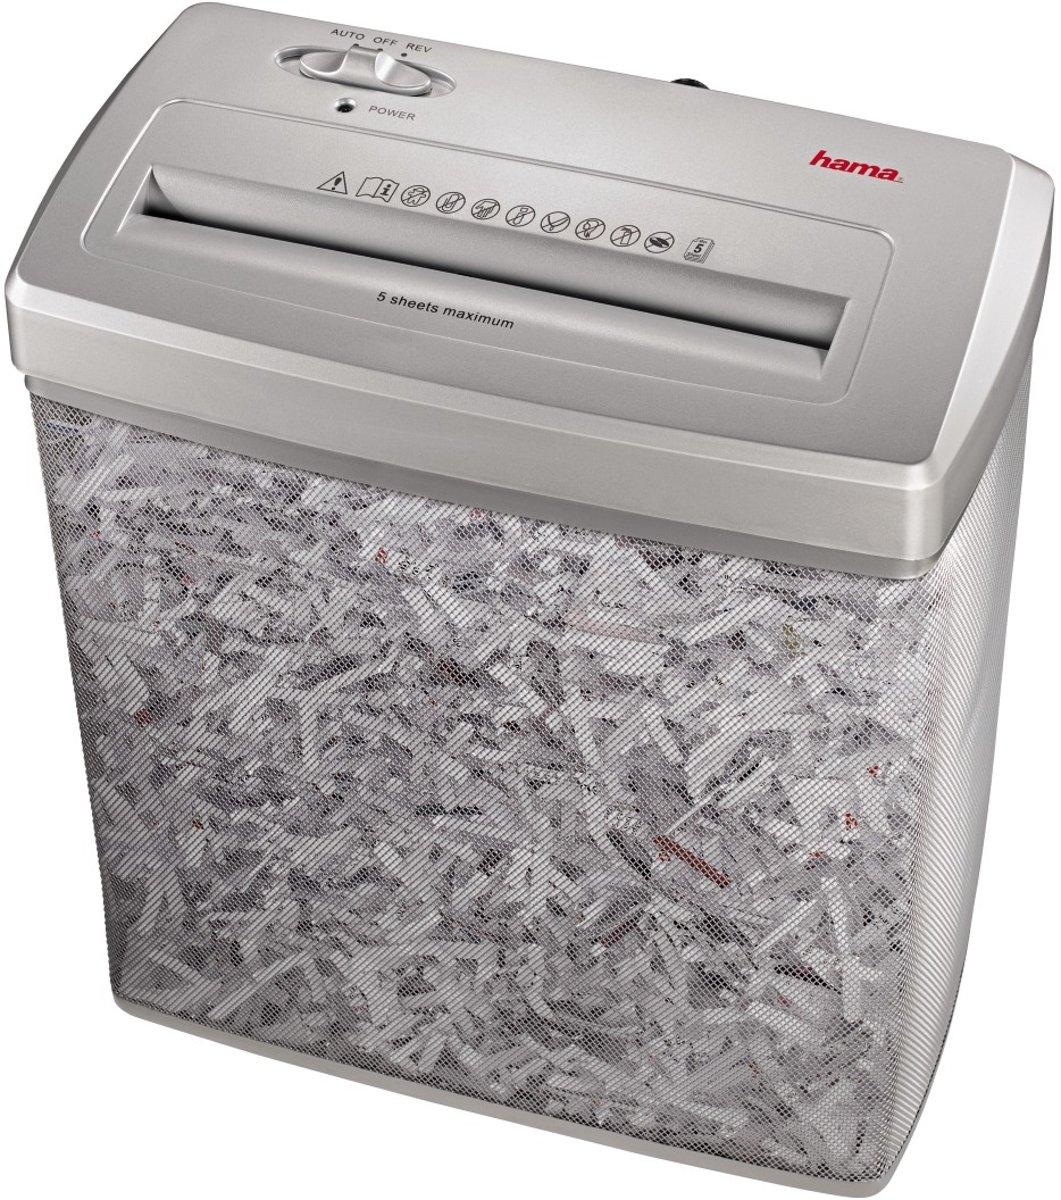 Papierversnipperaar Hama Premium X6M Cross cut 4 x 39 mm 14 l Aantal bladen (max.): 5 Veiligheidsniveau 3 Ook geschikt voor Creditcards